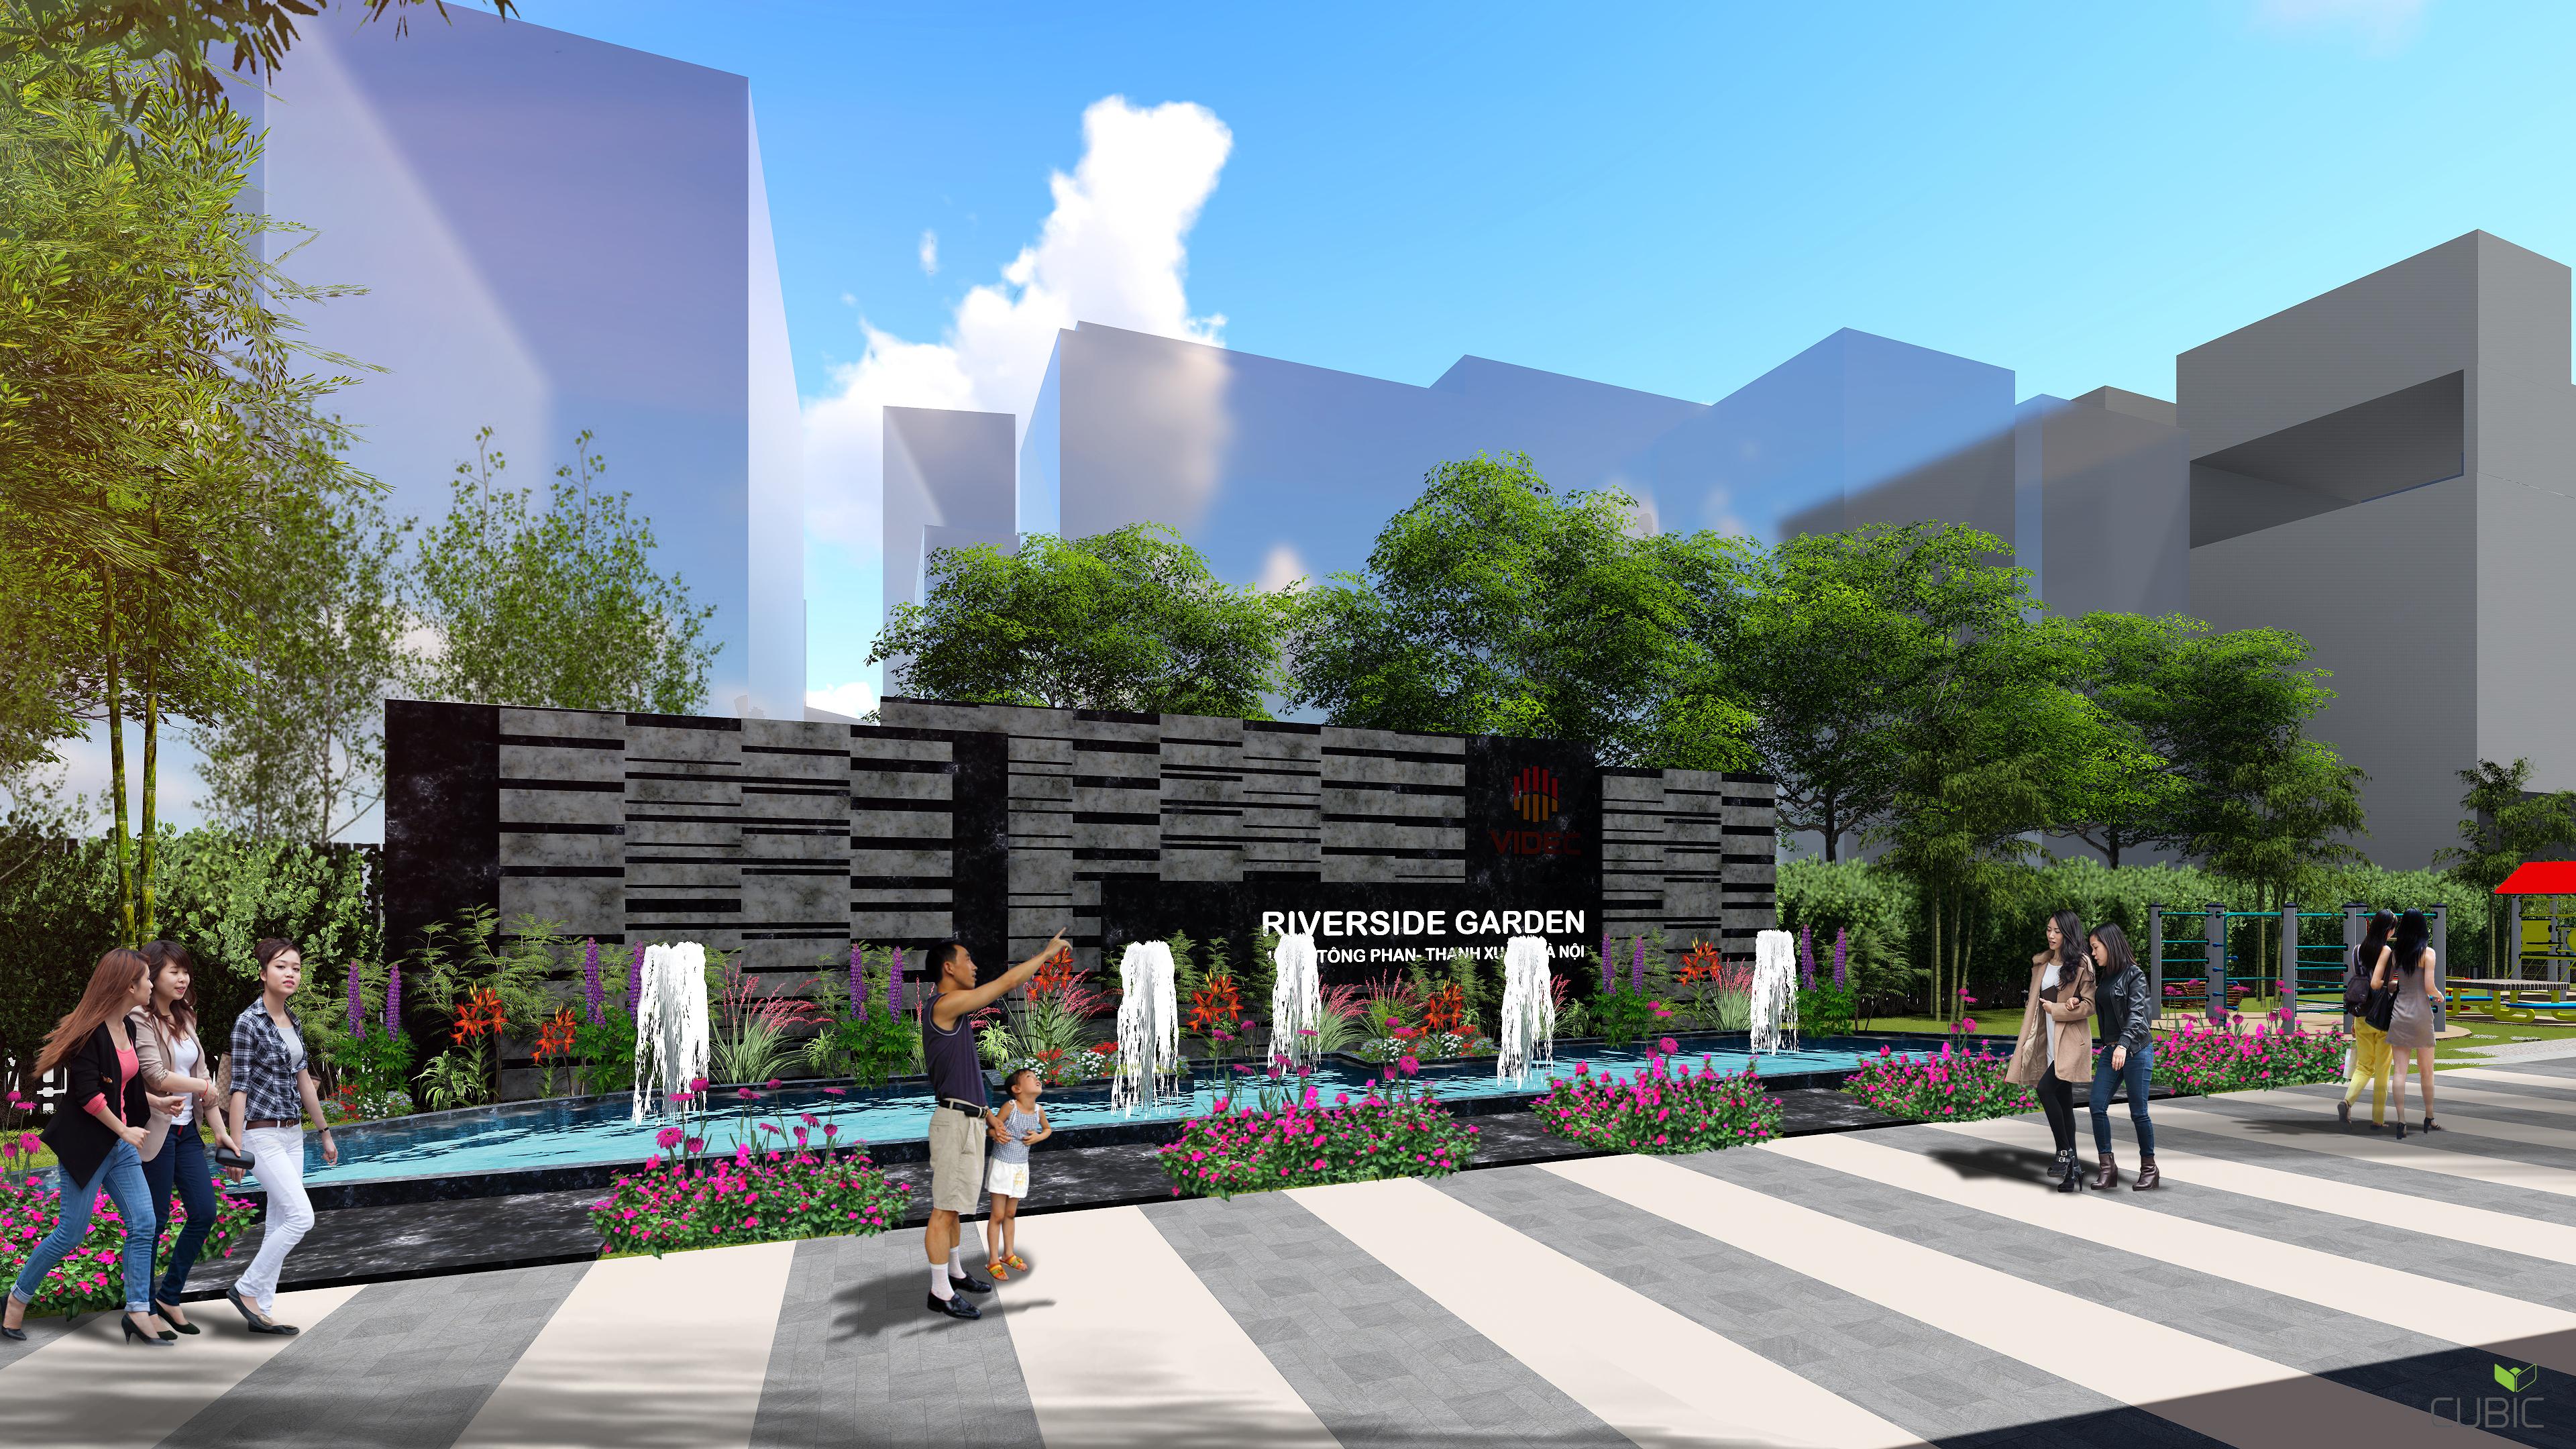 Đài phun nước dự án Riverside Garden 349 Vũ Tông Phan